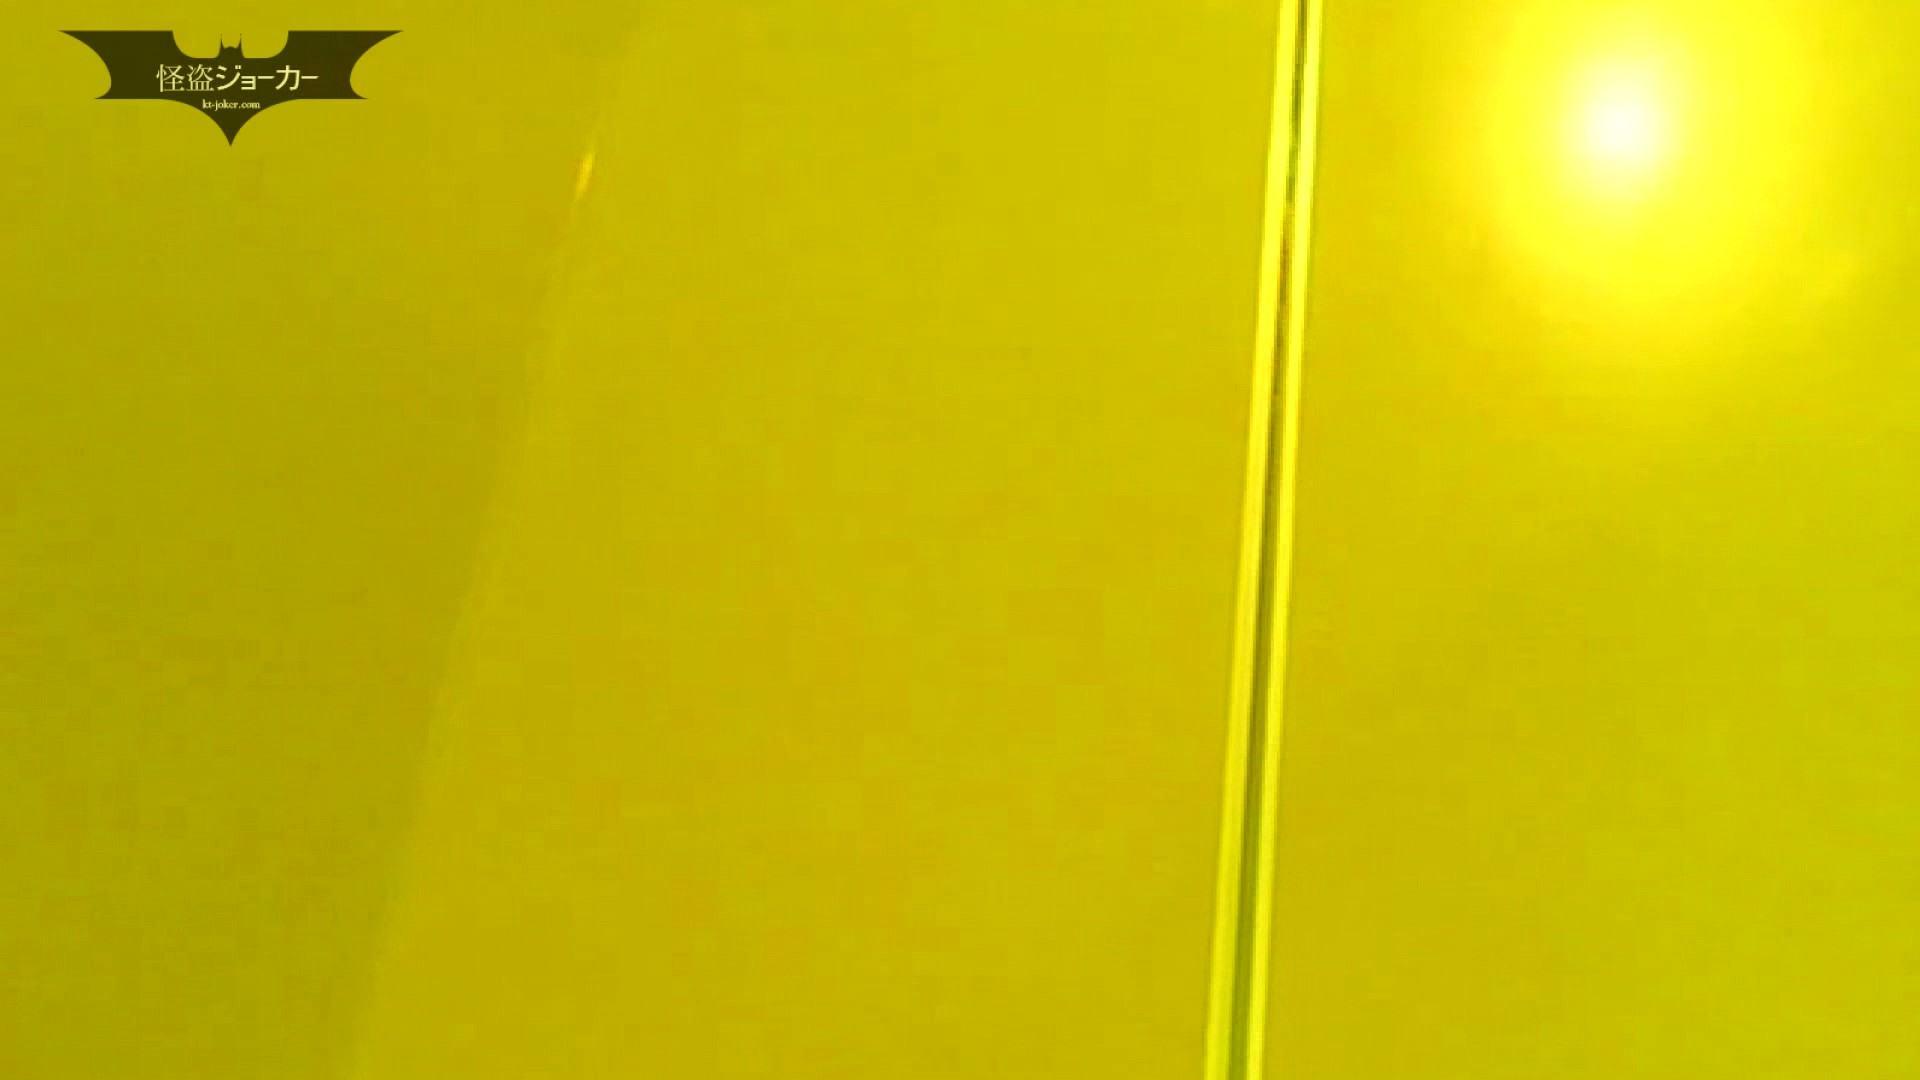 夏の思い出浜辺トイレ盗撮Vol.02 和式で踏ん張り中 | エロくん潜入  30連発 1